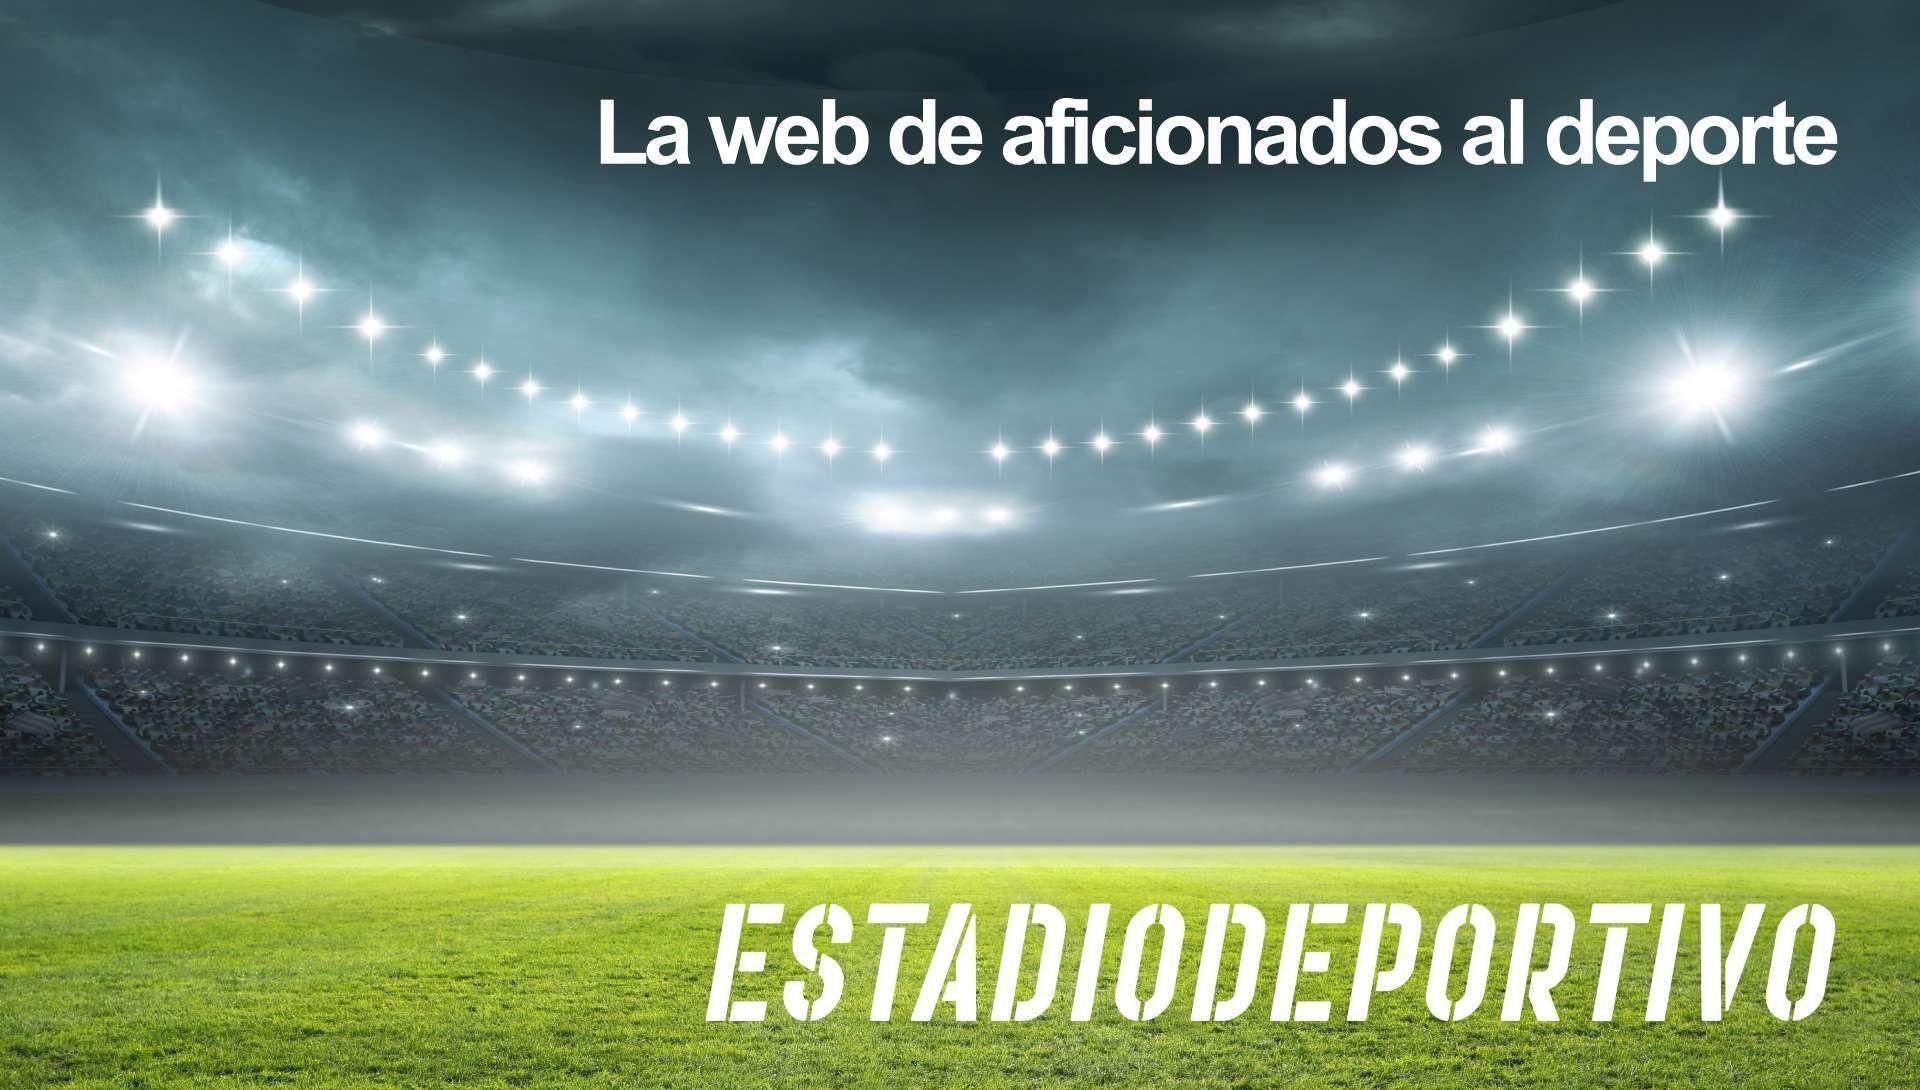 Las mejores imágenes del Sevilla Atlético-Lugo